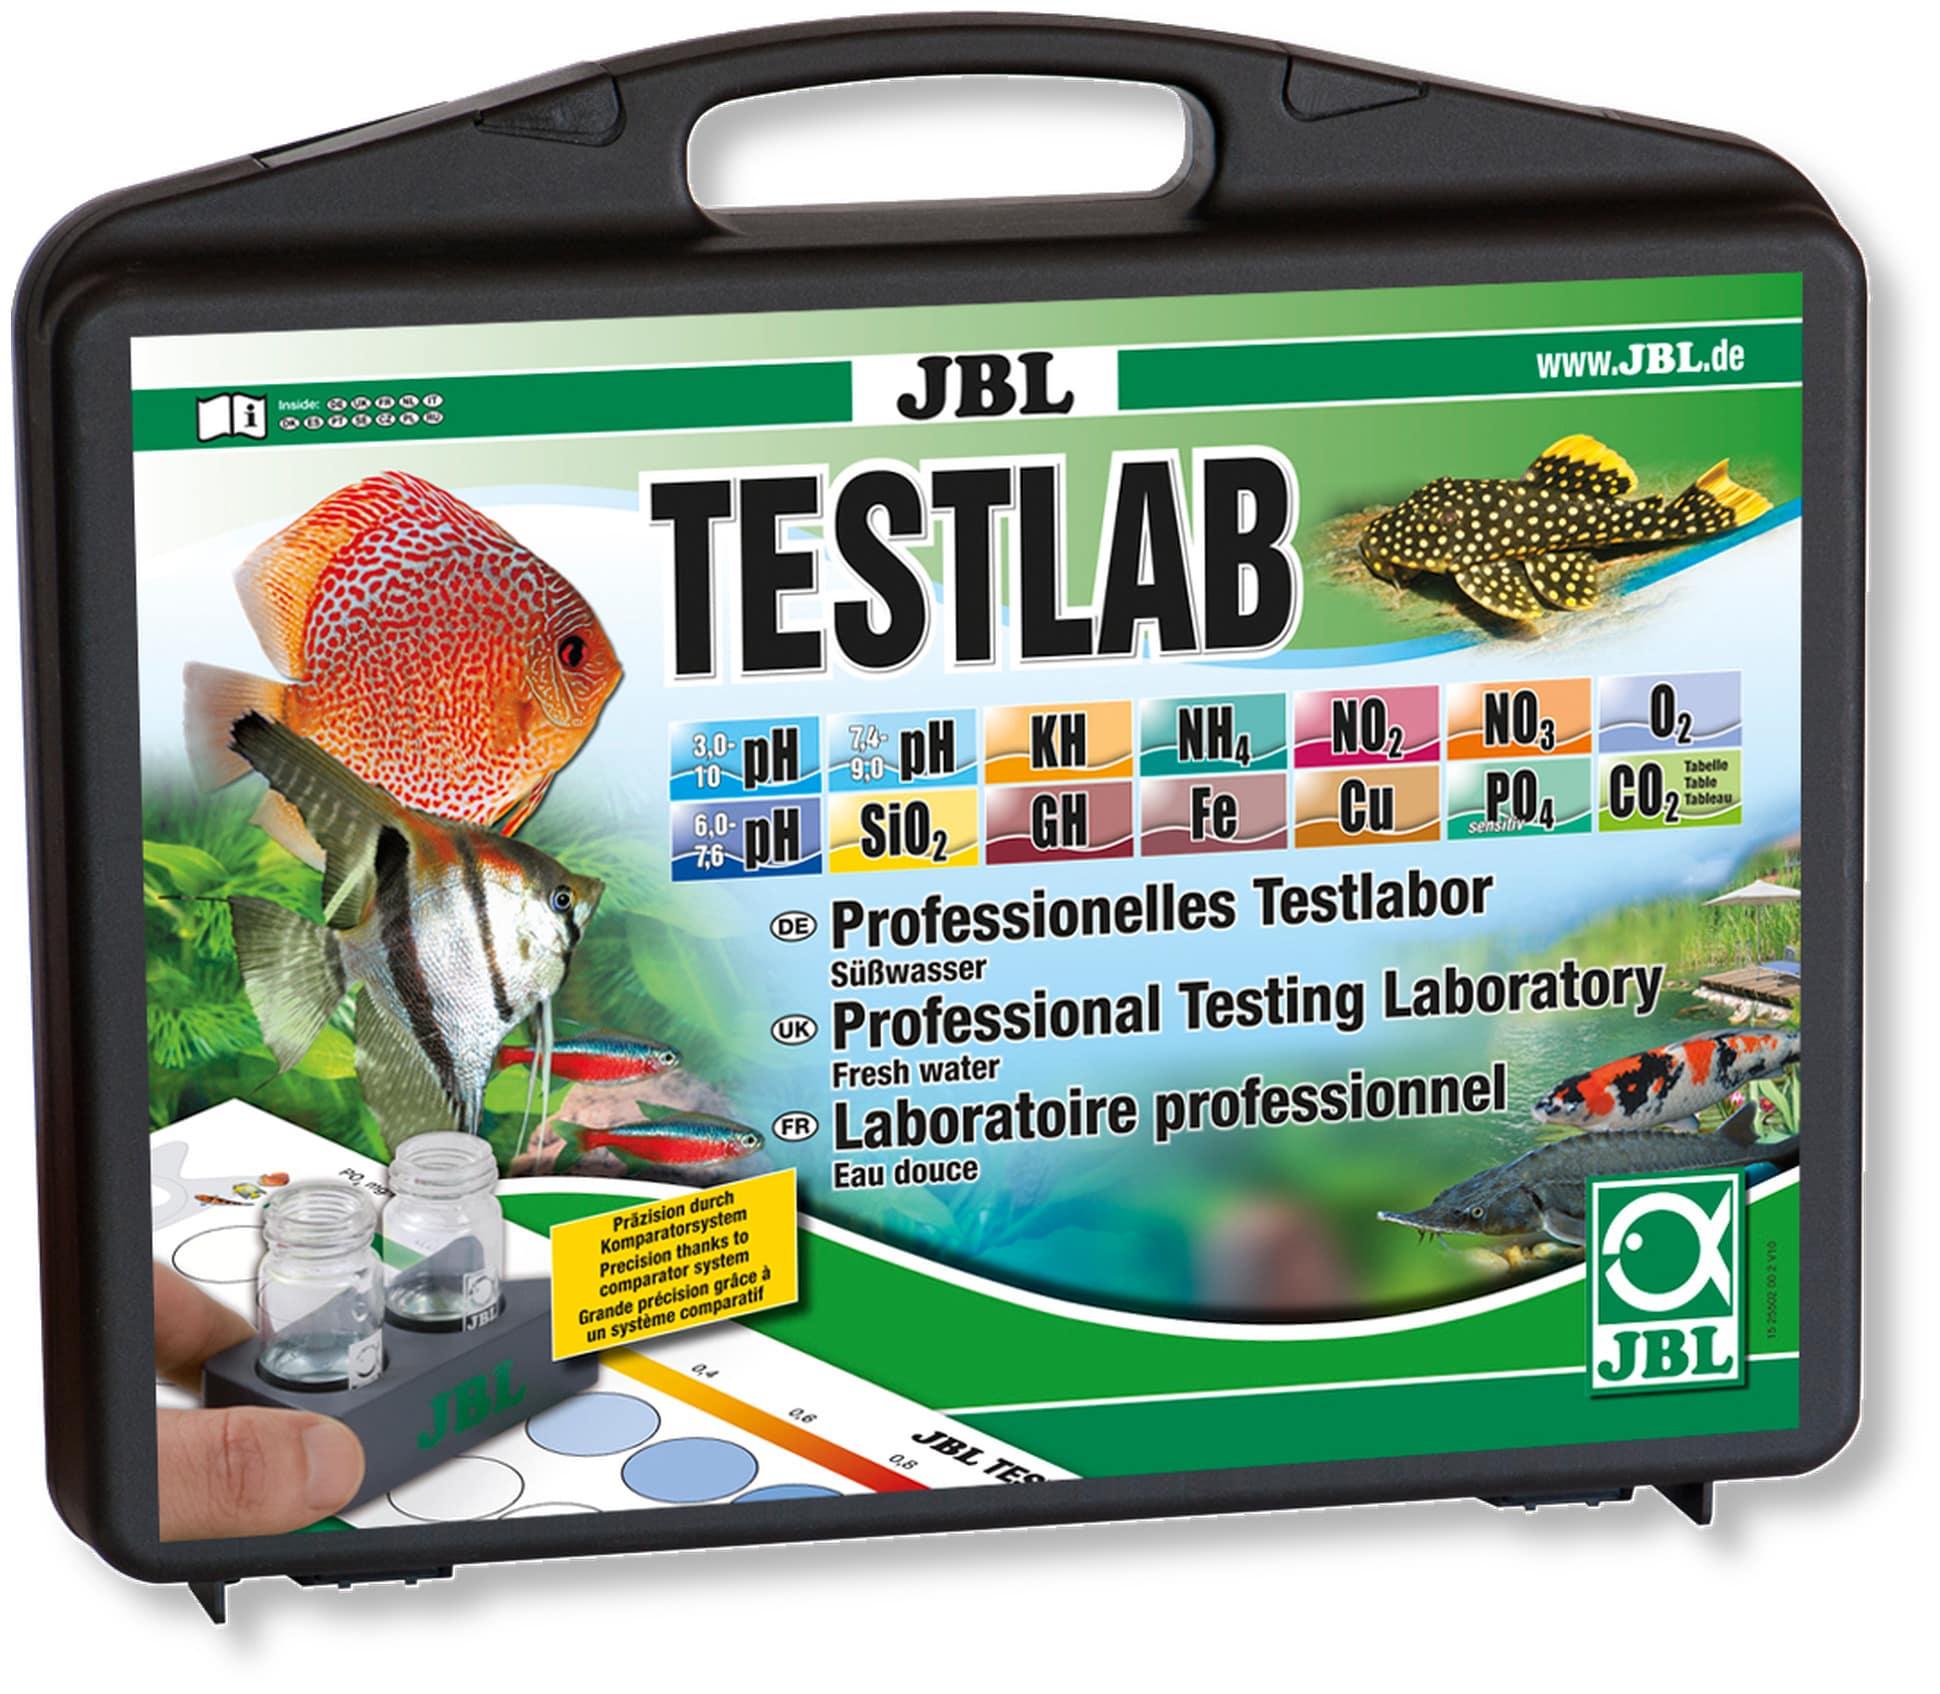 JBL TestLab coffret de tests professionnels pour les analyses en aquarium d\'eau douce